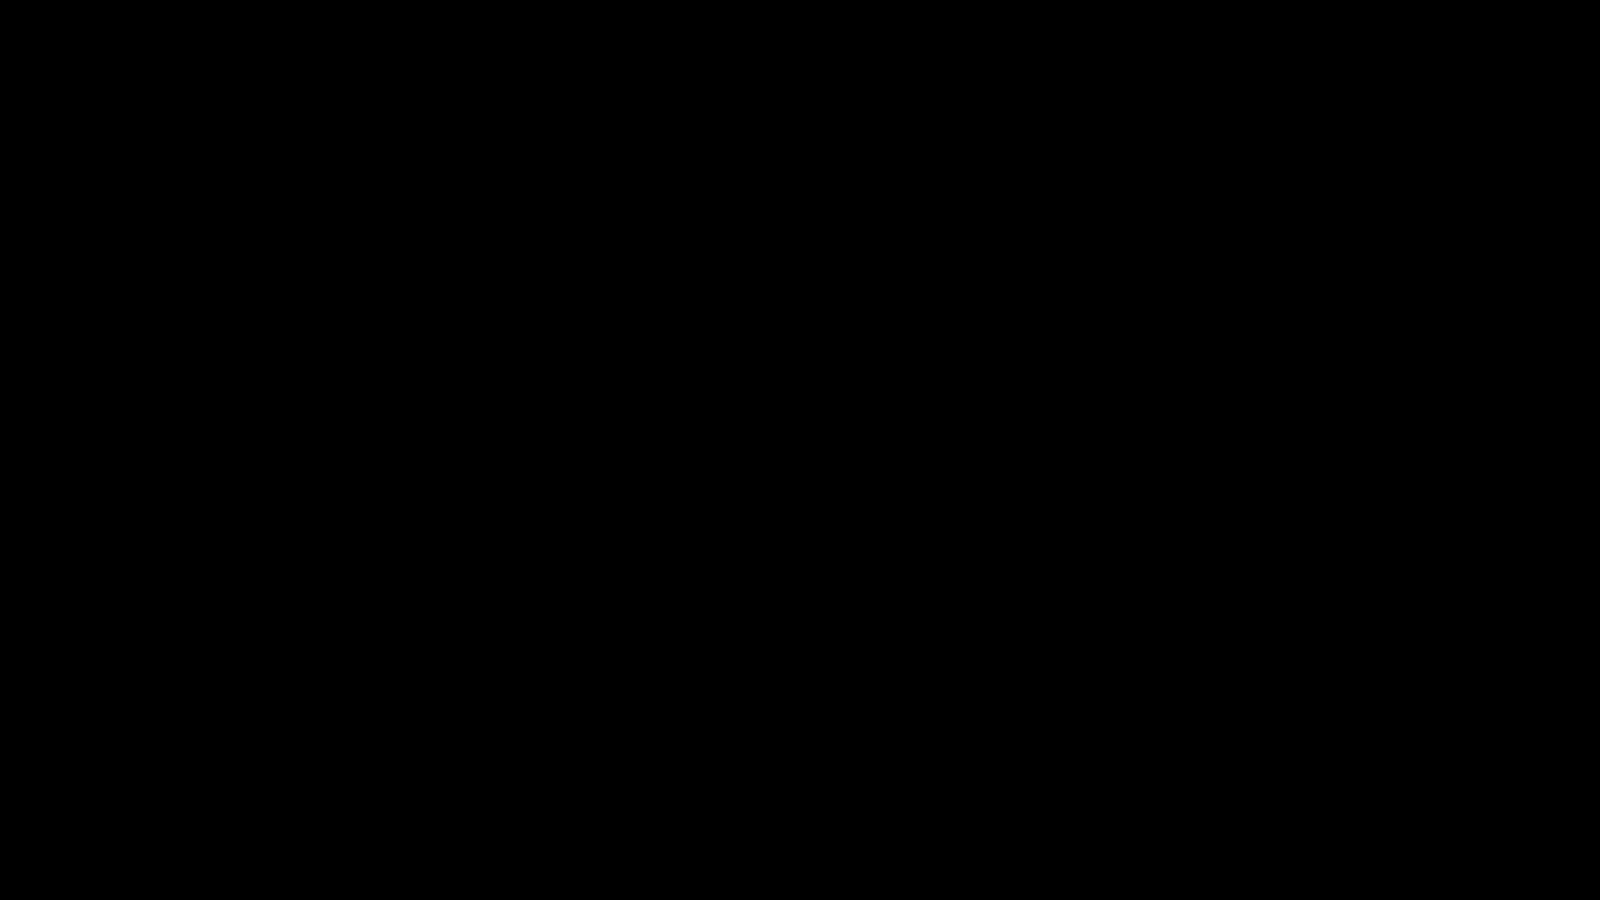 Silhueta invertida - Busto PNG